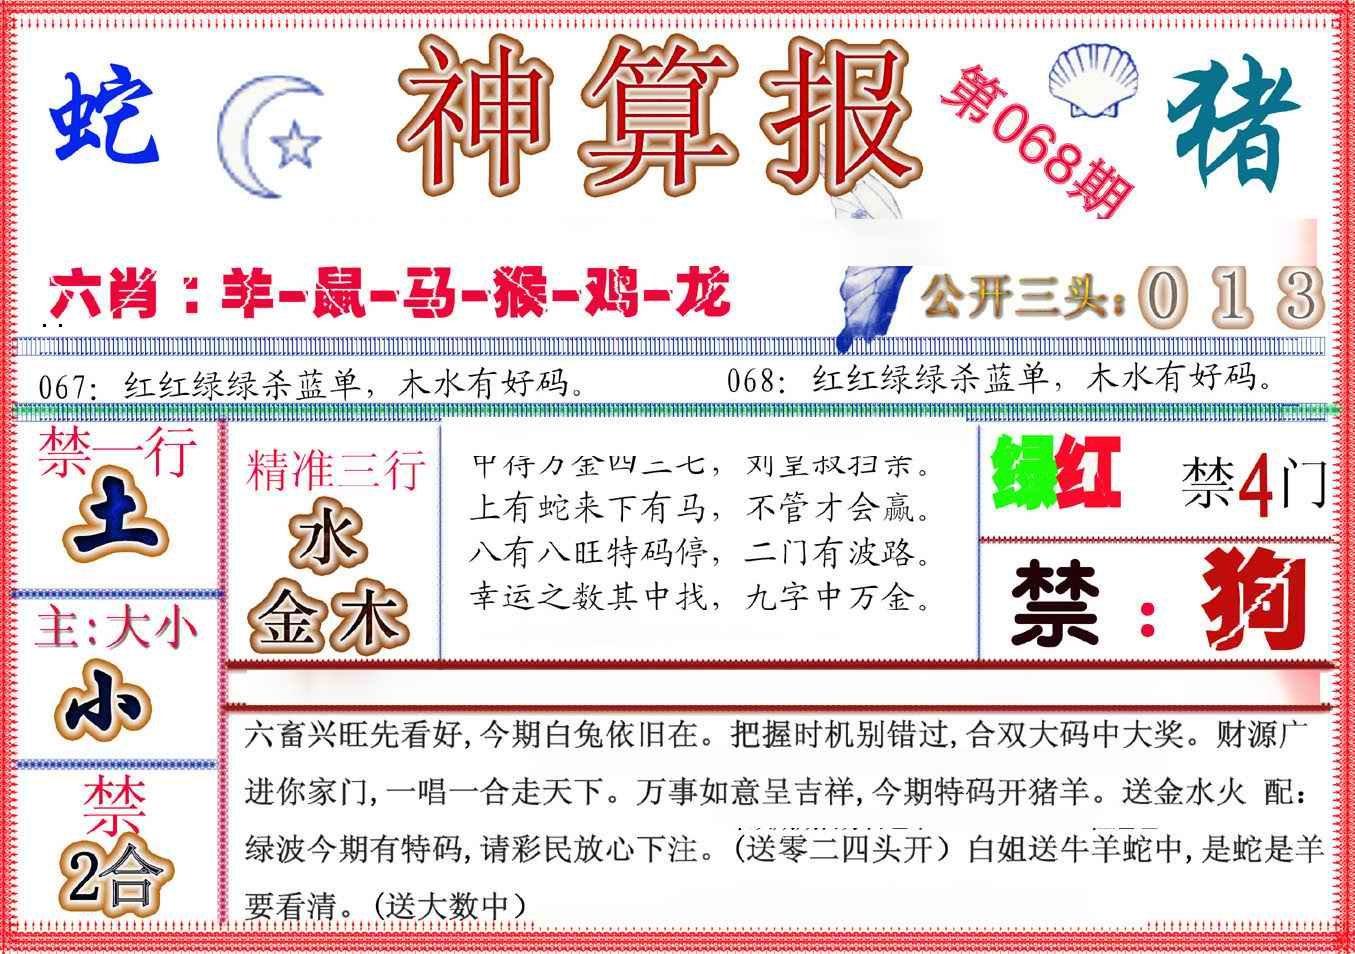 068期神算报(新版)